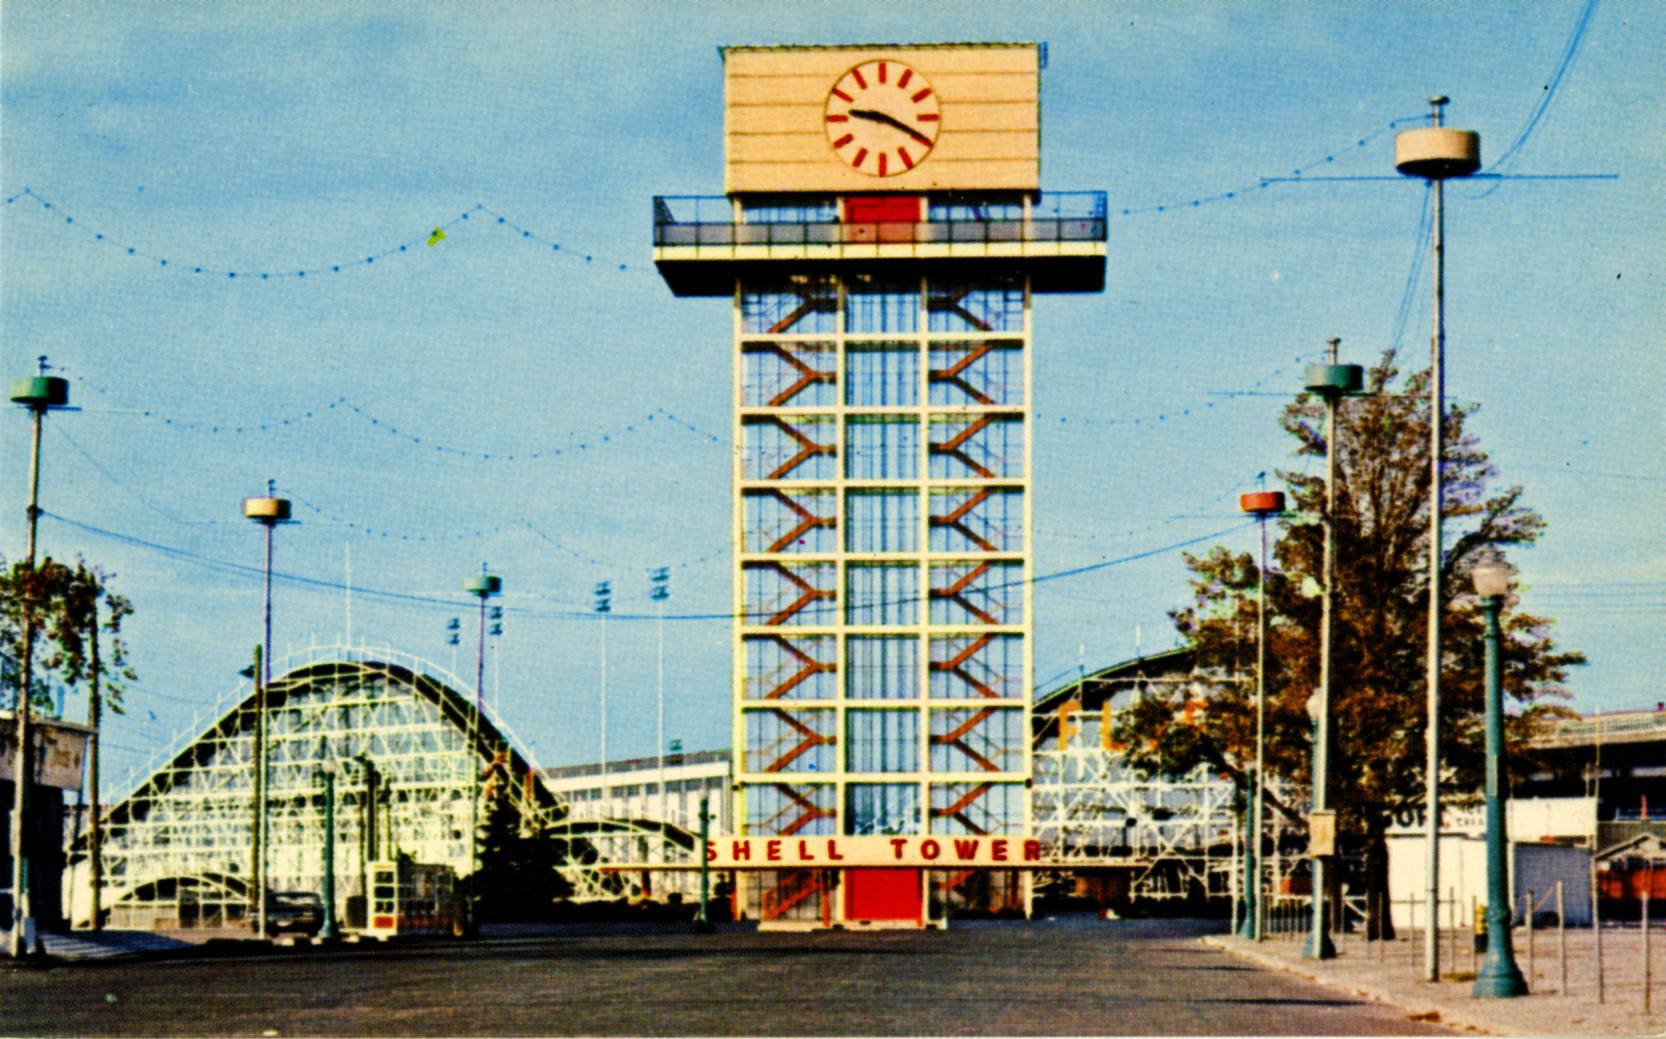 cne-shell-oil-tower.jpg